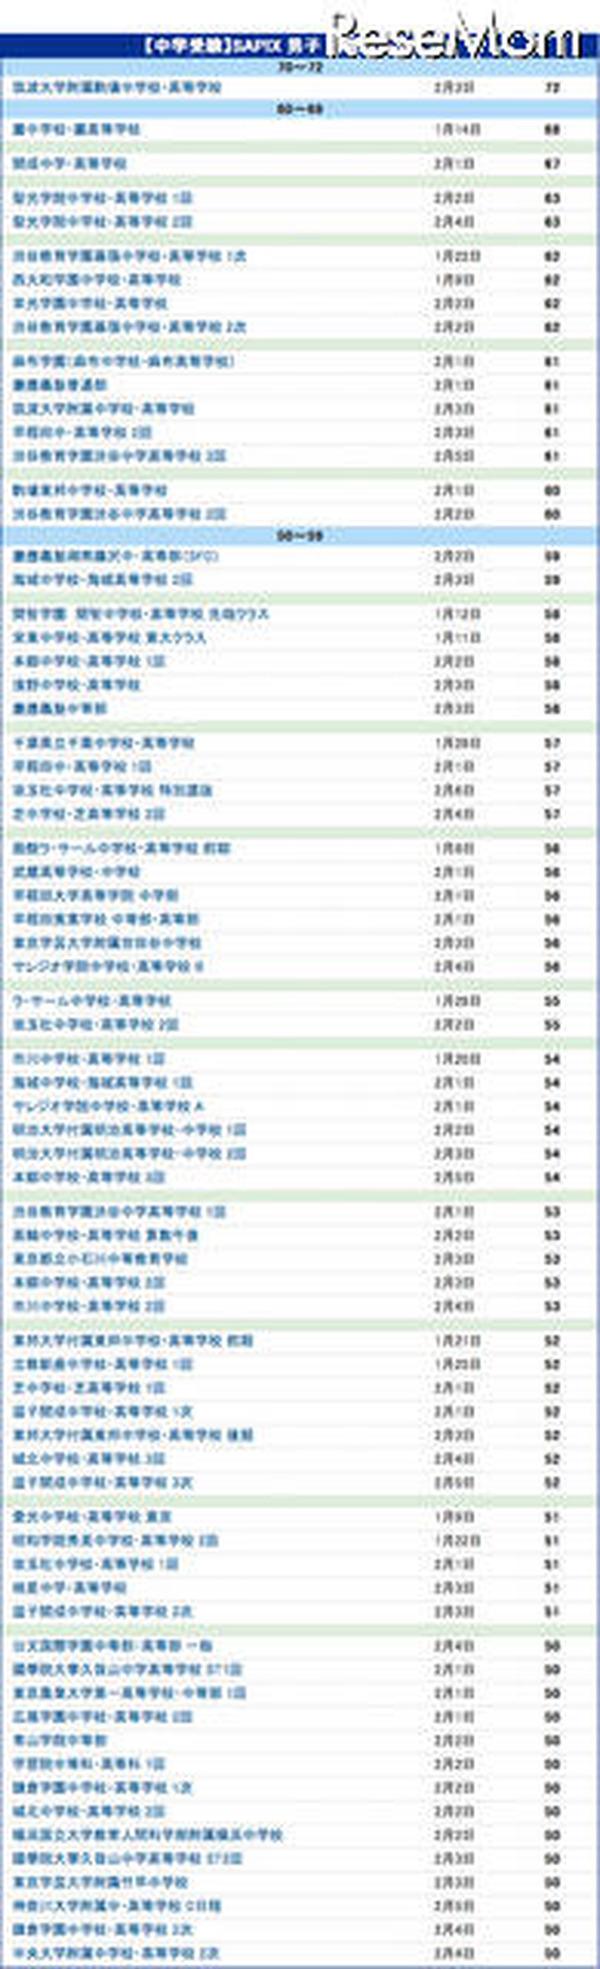 台 値 サピックス 偏差 50 【中学受験2022】サピックス小学部 上位校偏差値<2021年4月>